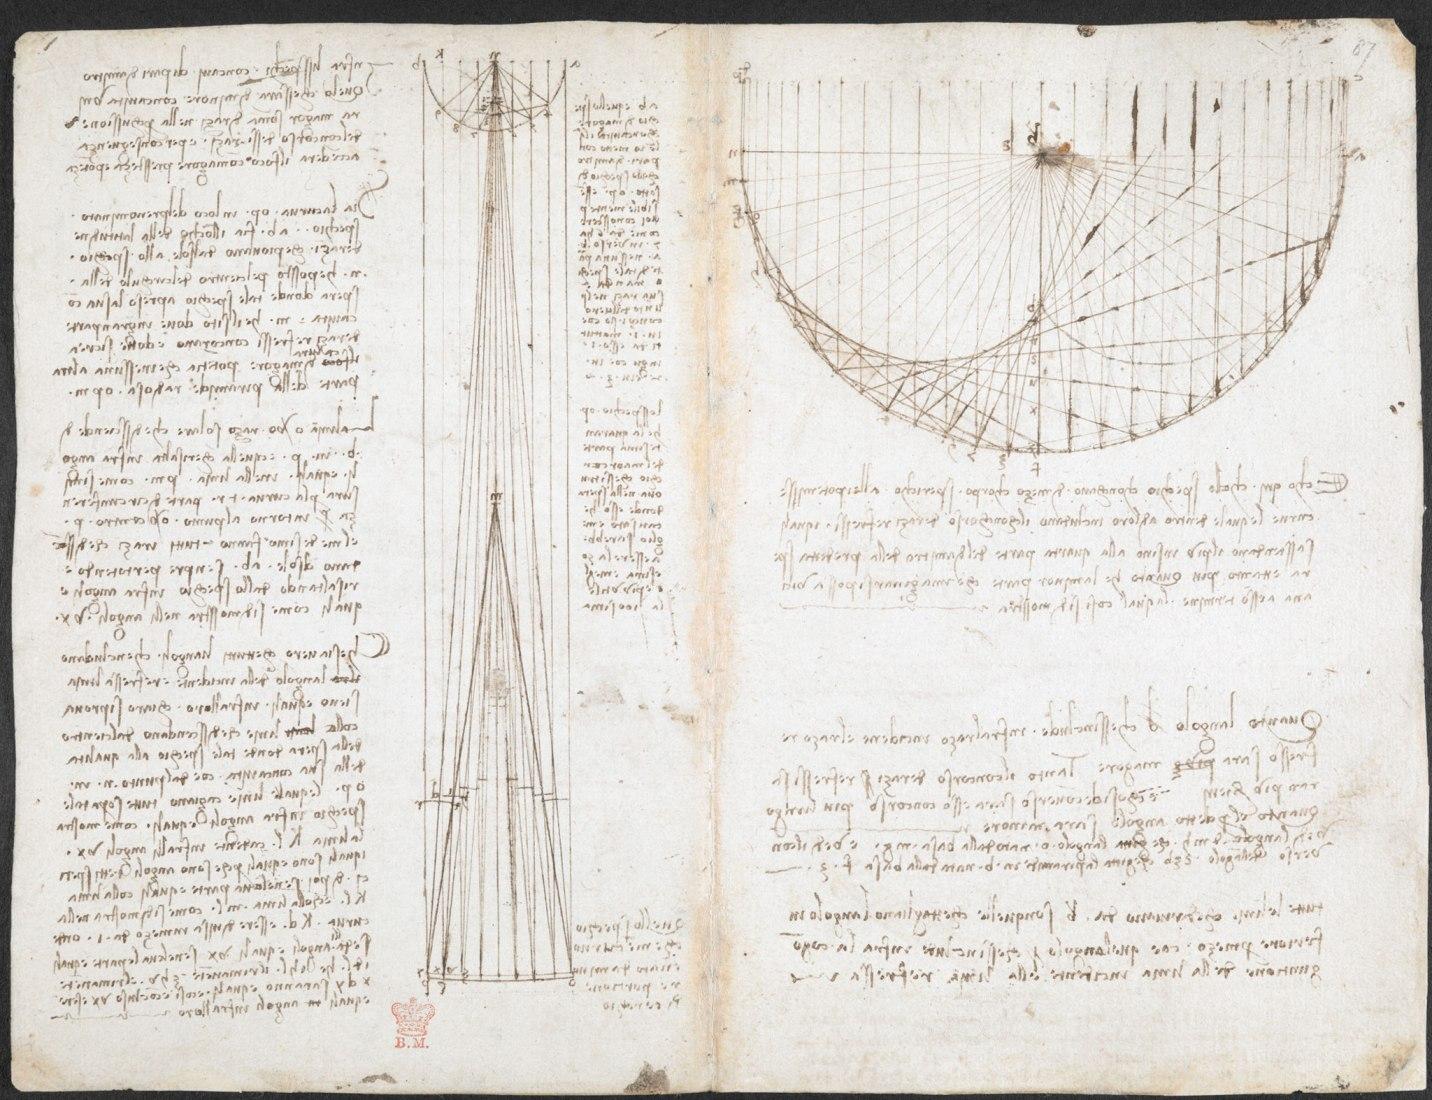 Codex Arundel de Leonardo da Vinci por la Biblioteca Británica y Microsoft